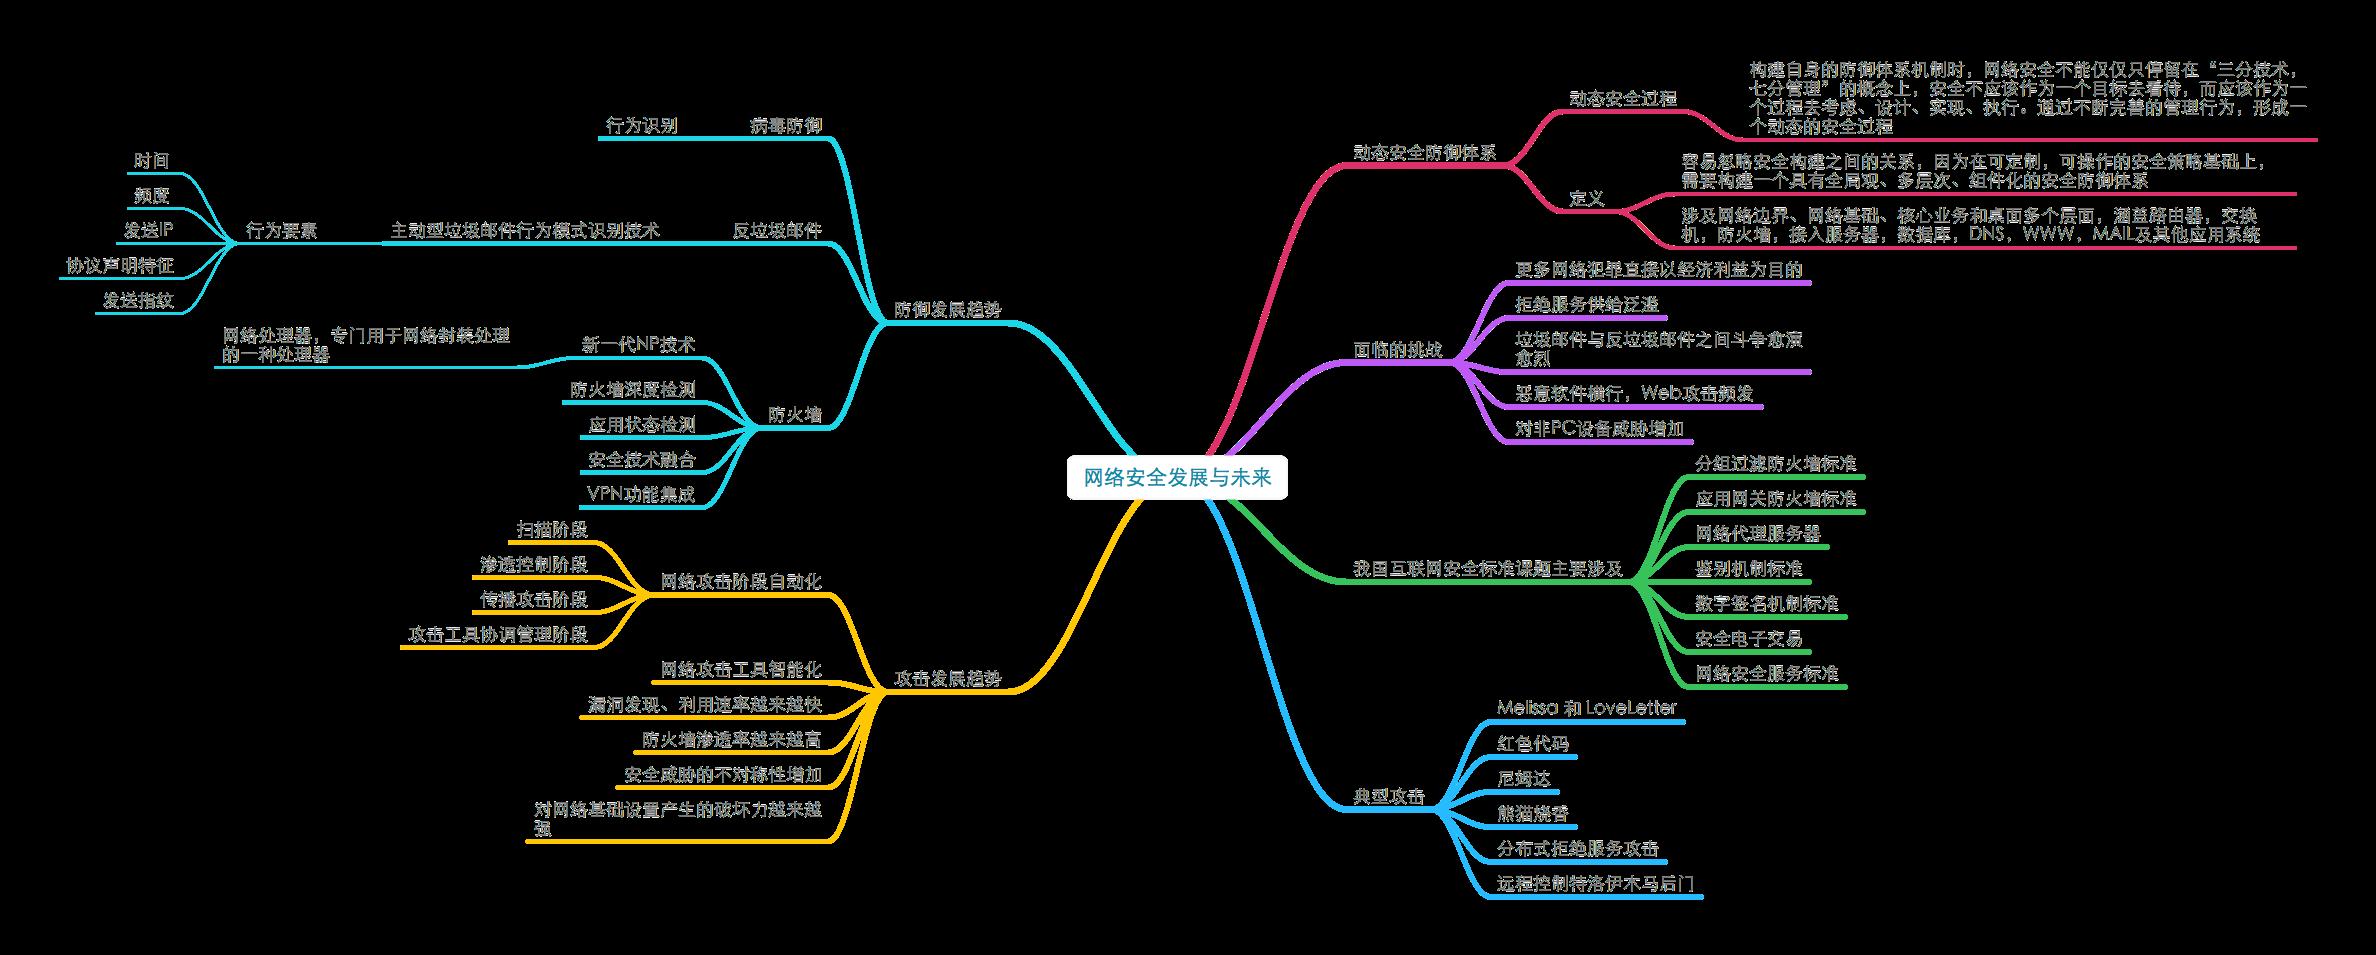 20180707_《网络安全思维导图》1.11网络安全发展与未来.png